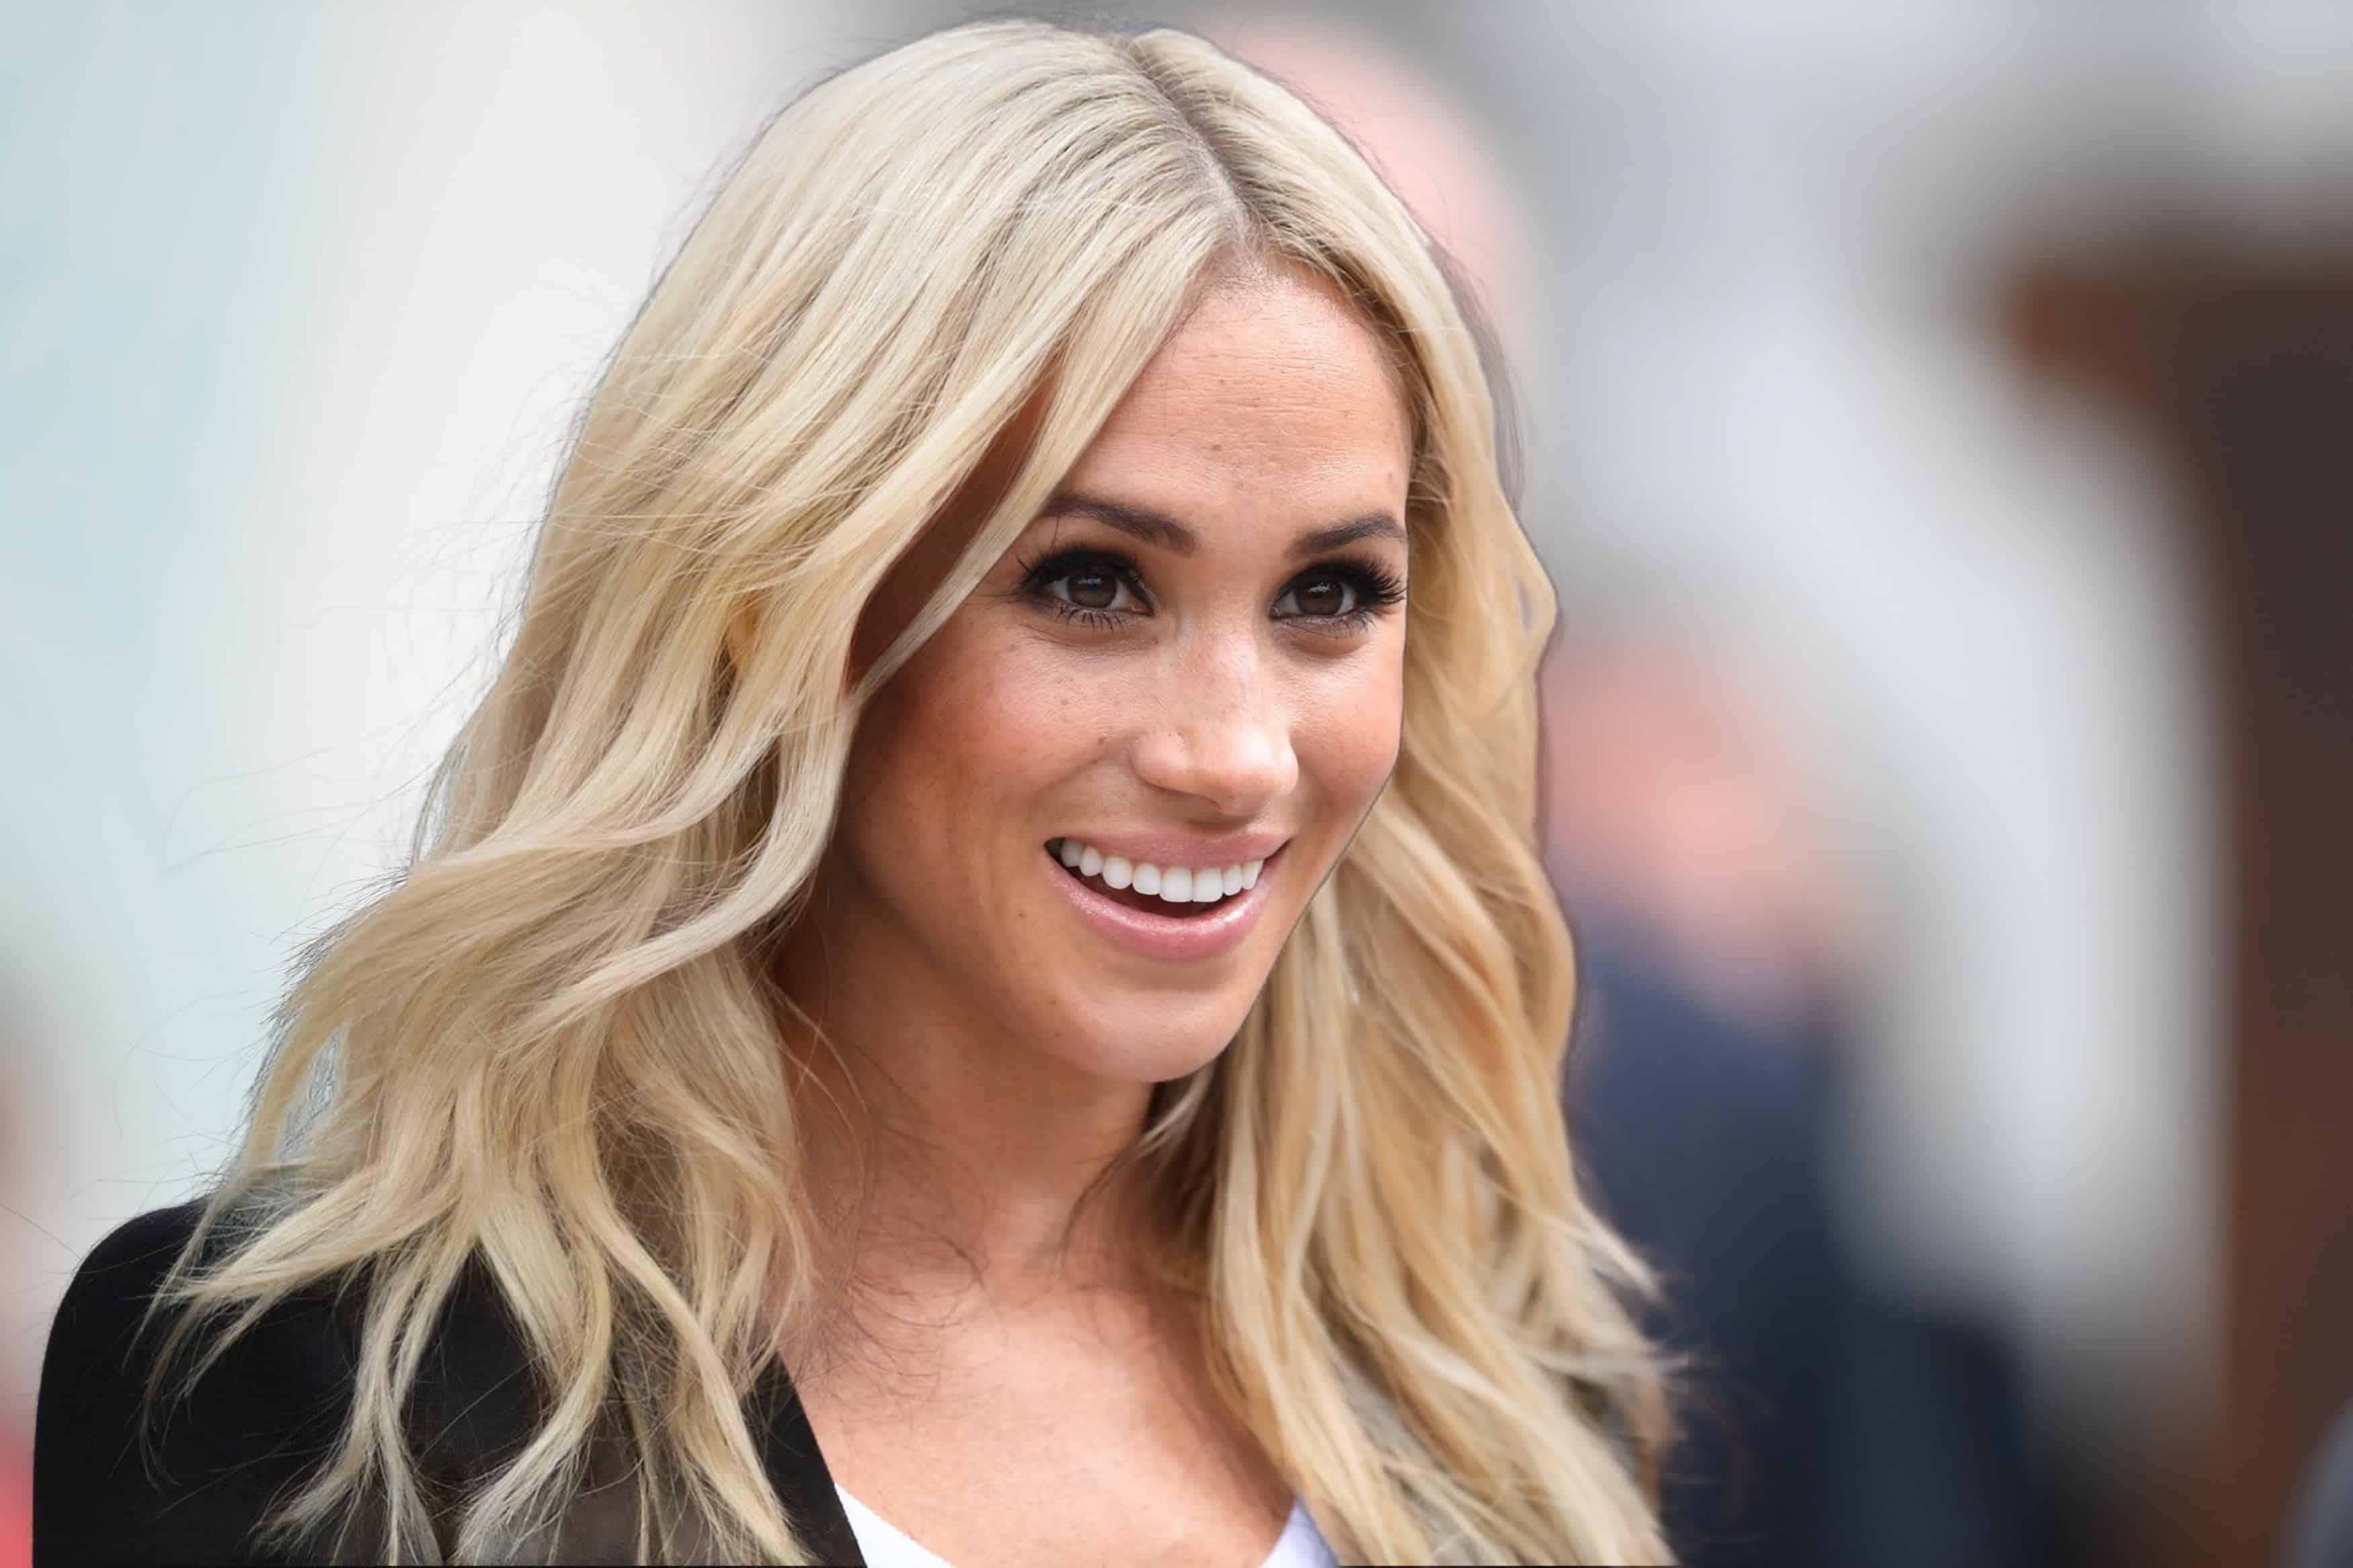 Duchess Meghan blonde